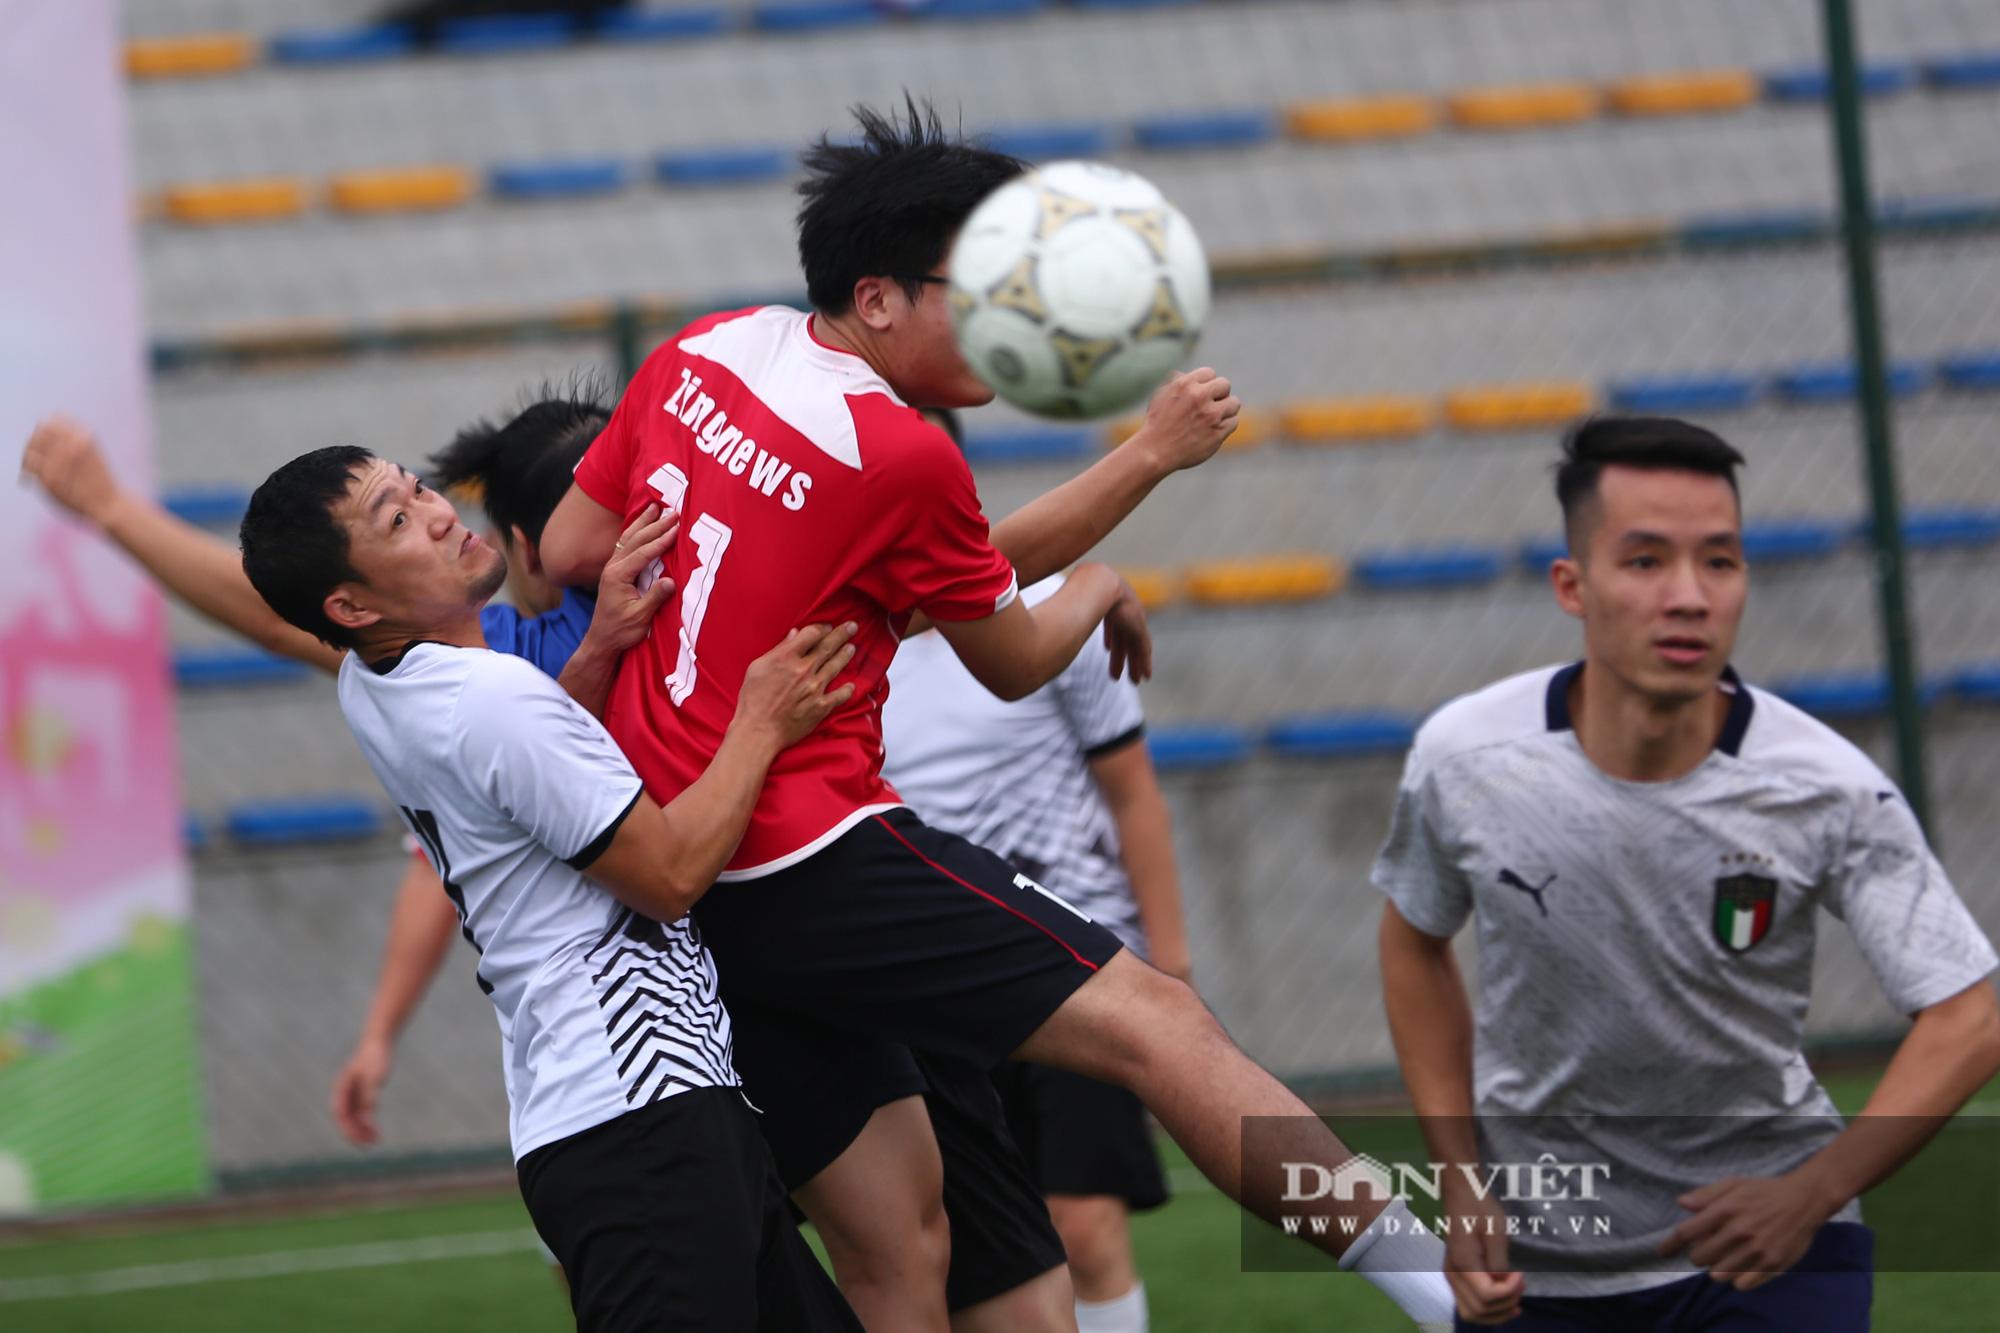 Khoảnh khắc lượt trận cuối cùng vòng bảng giải bóng đá báo NTNN/Dân Việt  - Ảnh 20.